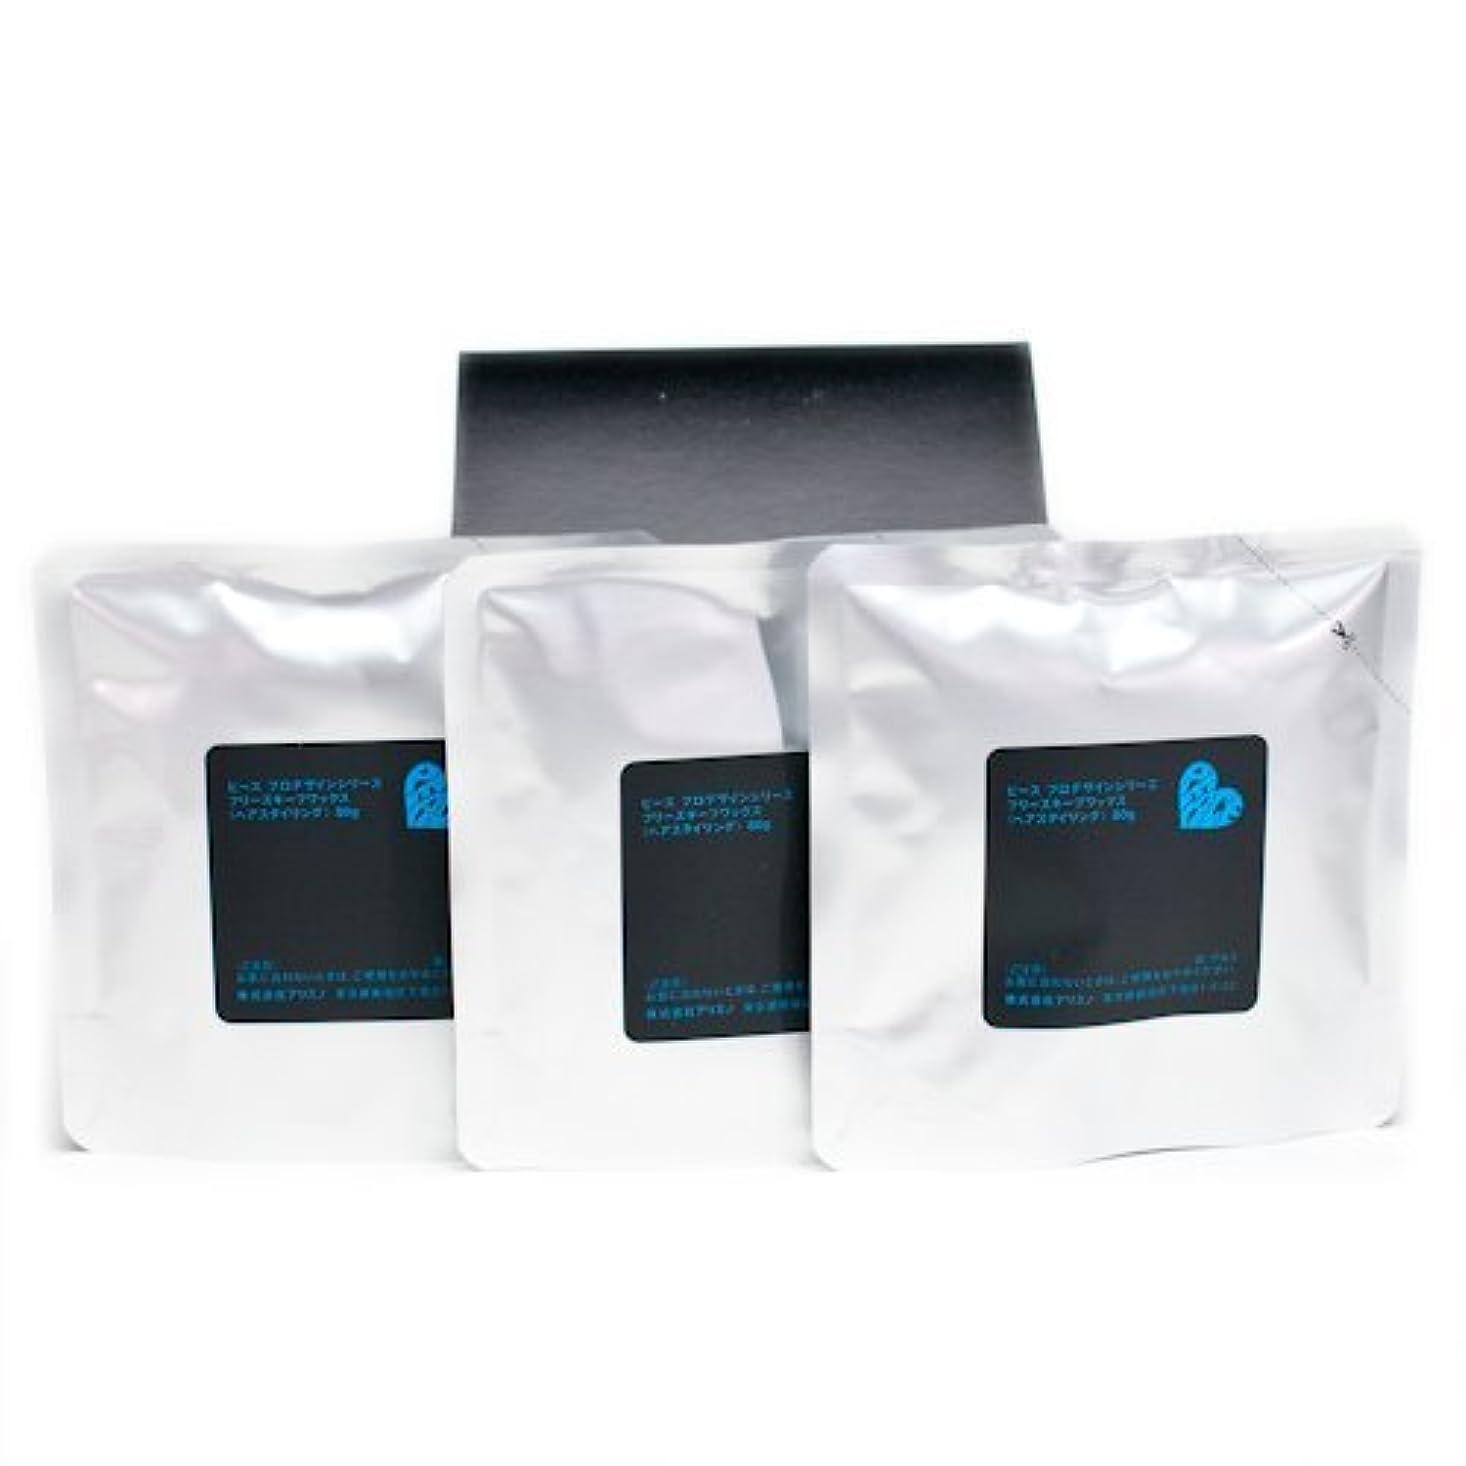 ルーム昼食クラックポットアリミノ ピース フリーズキープワックス (ブラック)80g(業務?詰替用)×3個入り